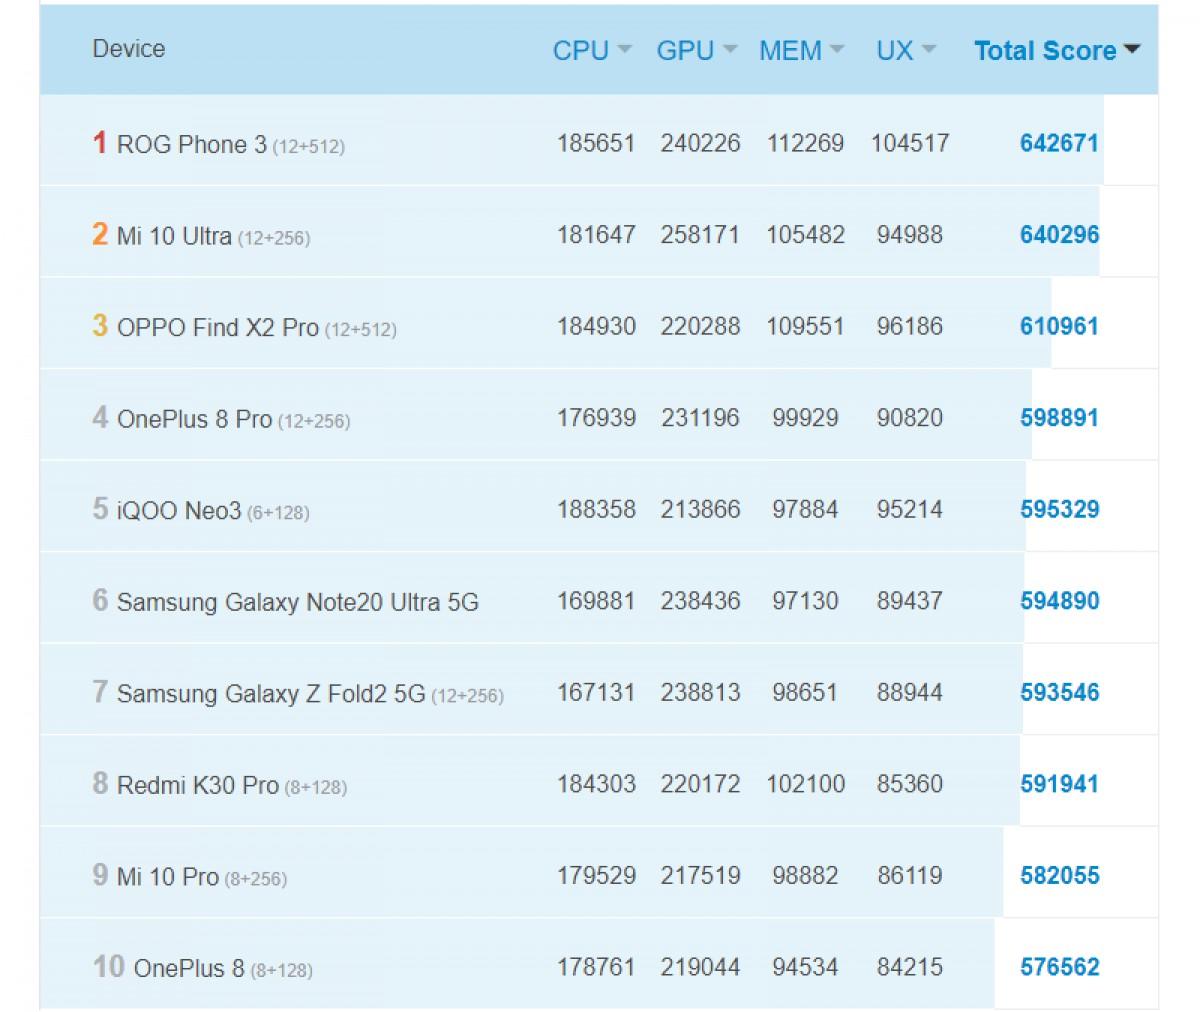 El nuevo Exynos 1080 le gana en AnTuTu al Qualcomm Snapdragon 865+